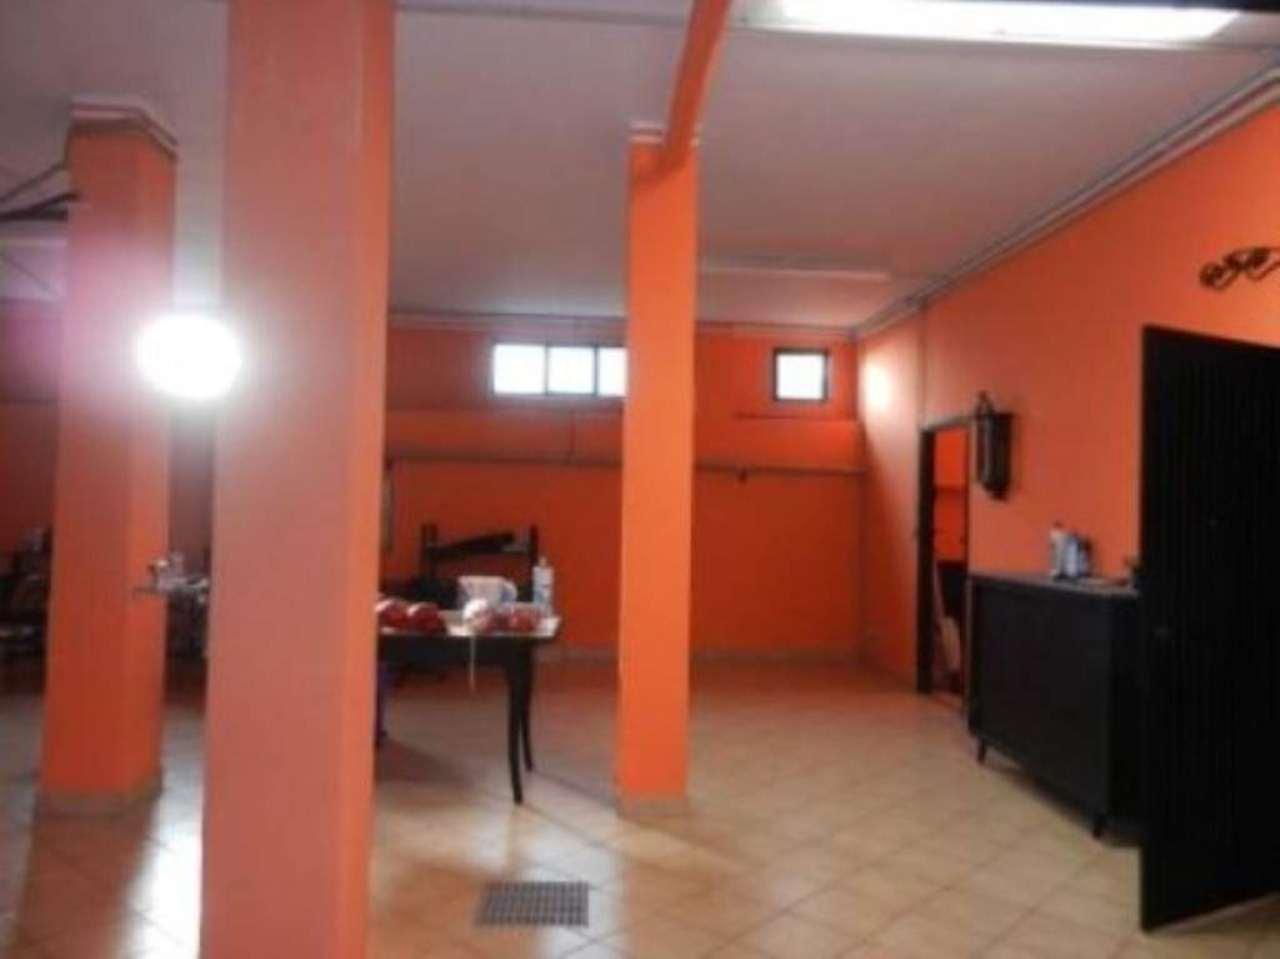 Magazzino in vendita a Venaria Reale, 2 locali, prezzo € 35.000 | Cambio Casa.it